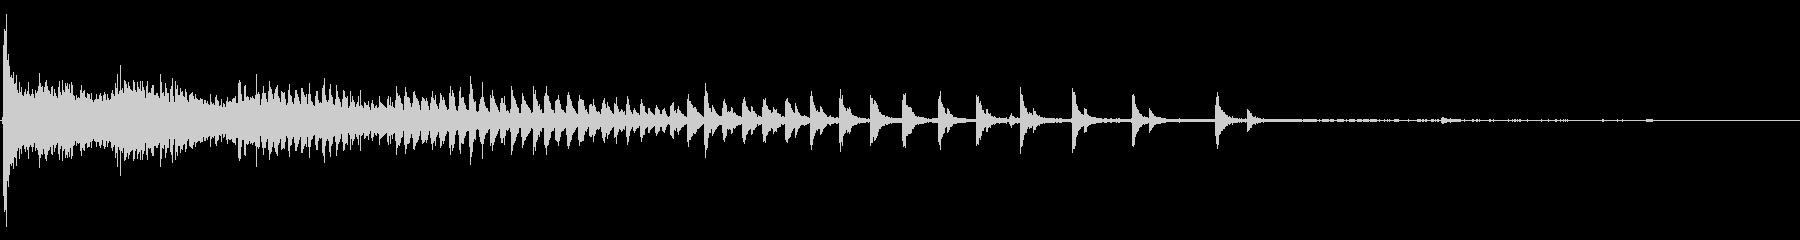 レプトンチャーチベルタワークロック...の未再生の波形